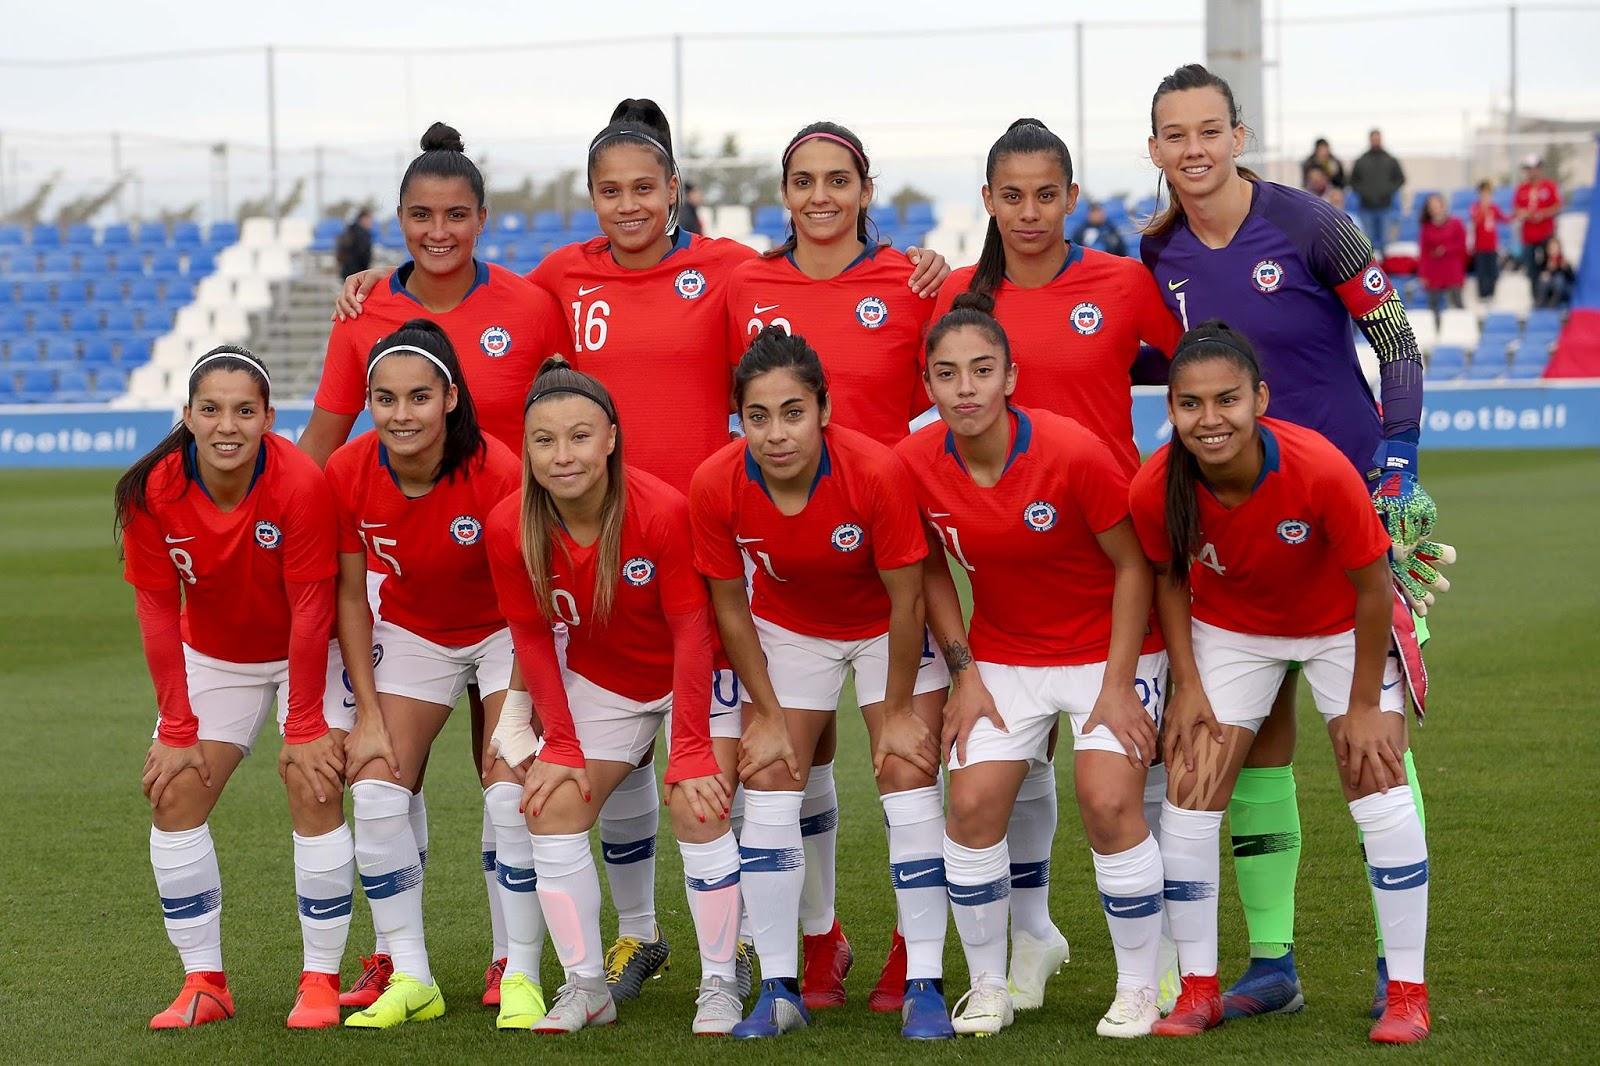 Formación de selección femenina de Chile ante Escocia, amistoso disputado el 5 de abril de 2019